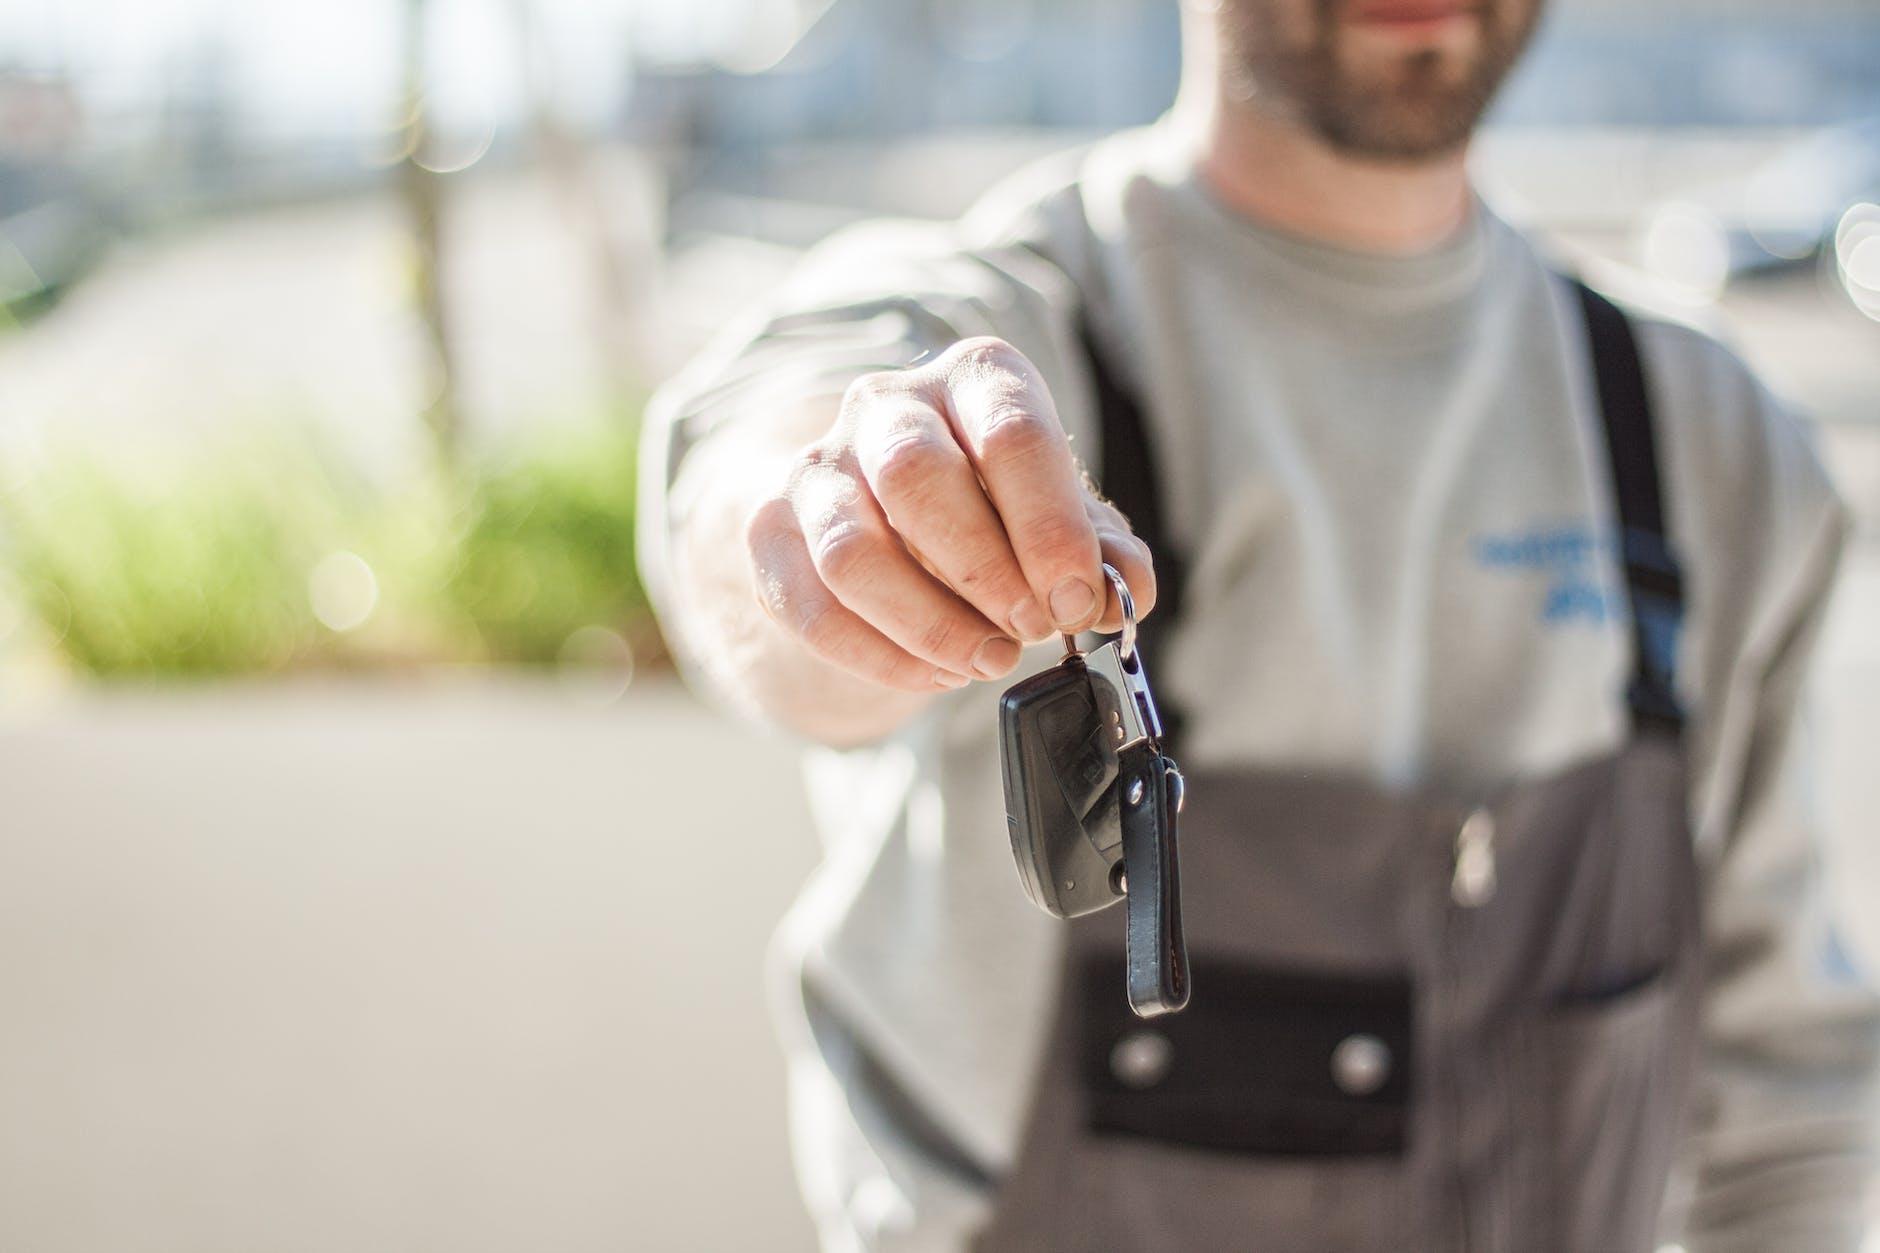 Man holding a car keys